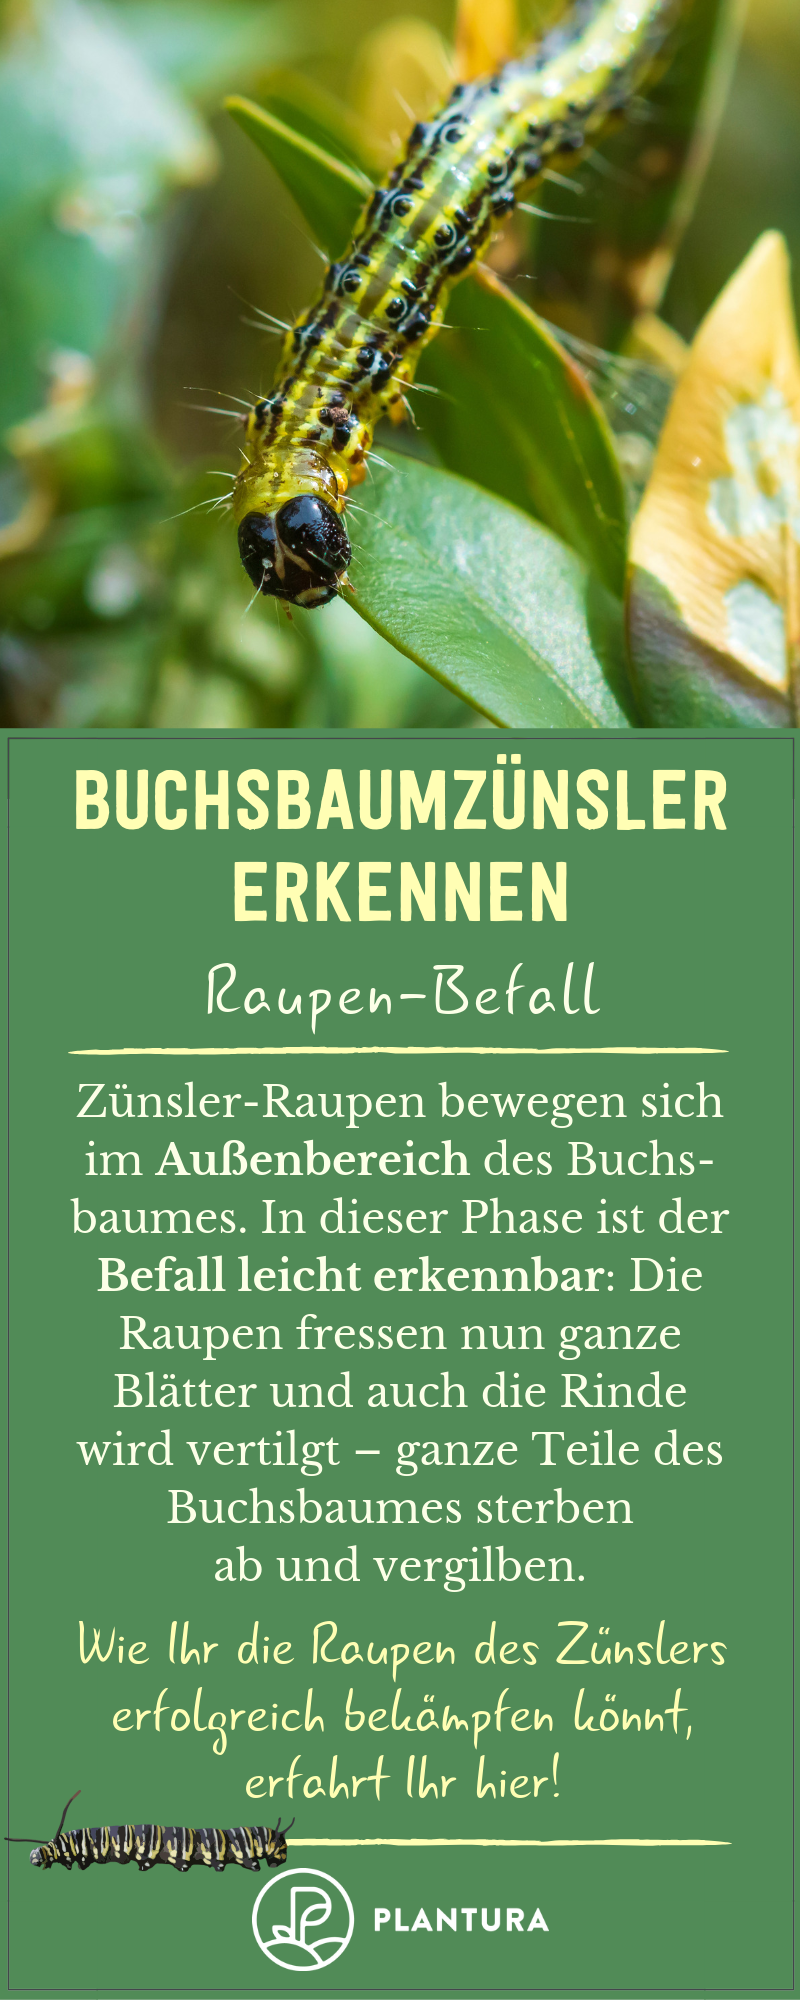 Buchsbaumzunsler Erkennen Anzeichen Bilder Buchsbaumzunsler Schadlinge Im Garten Pflanzenschutz